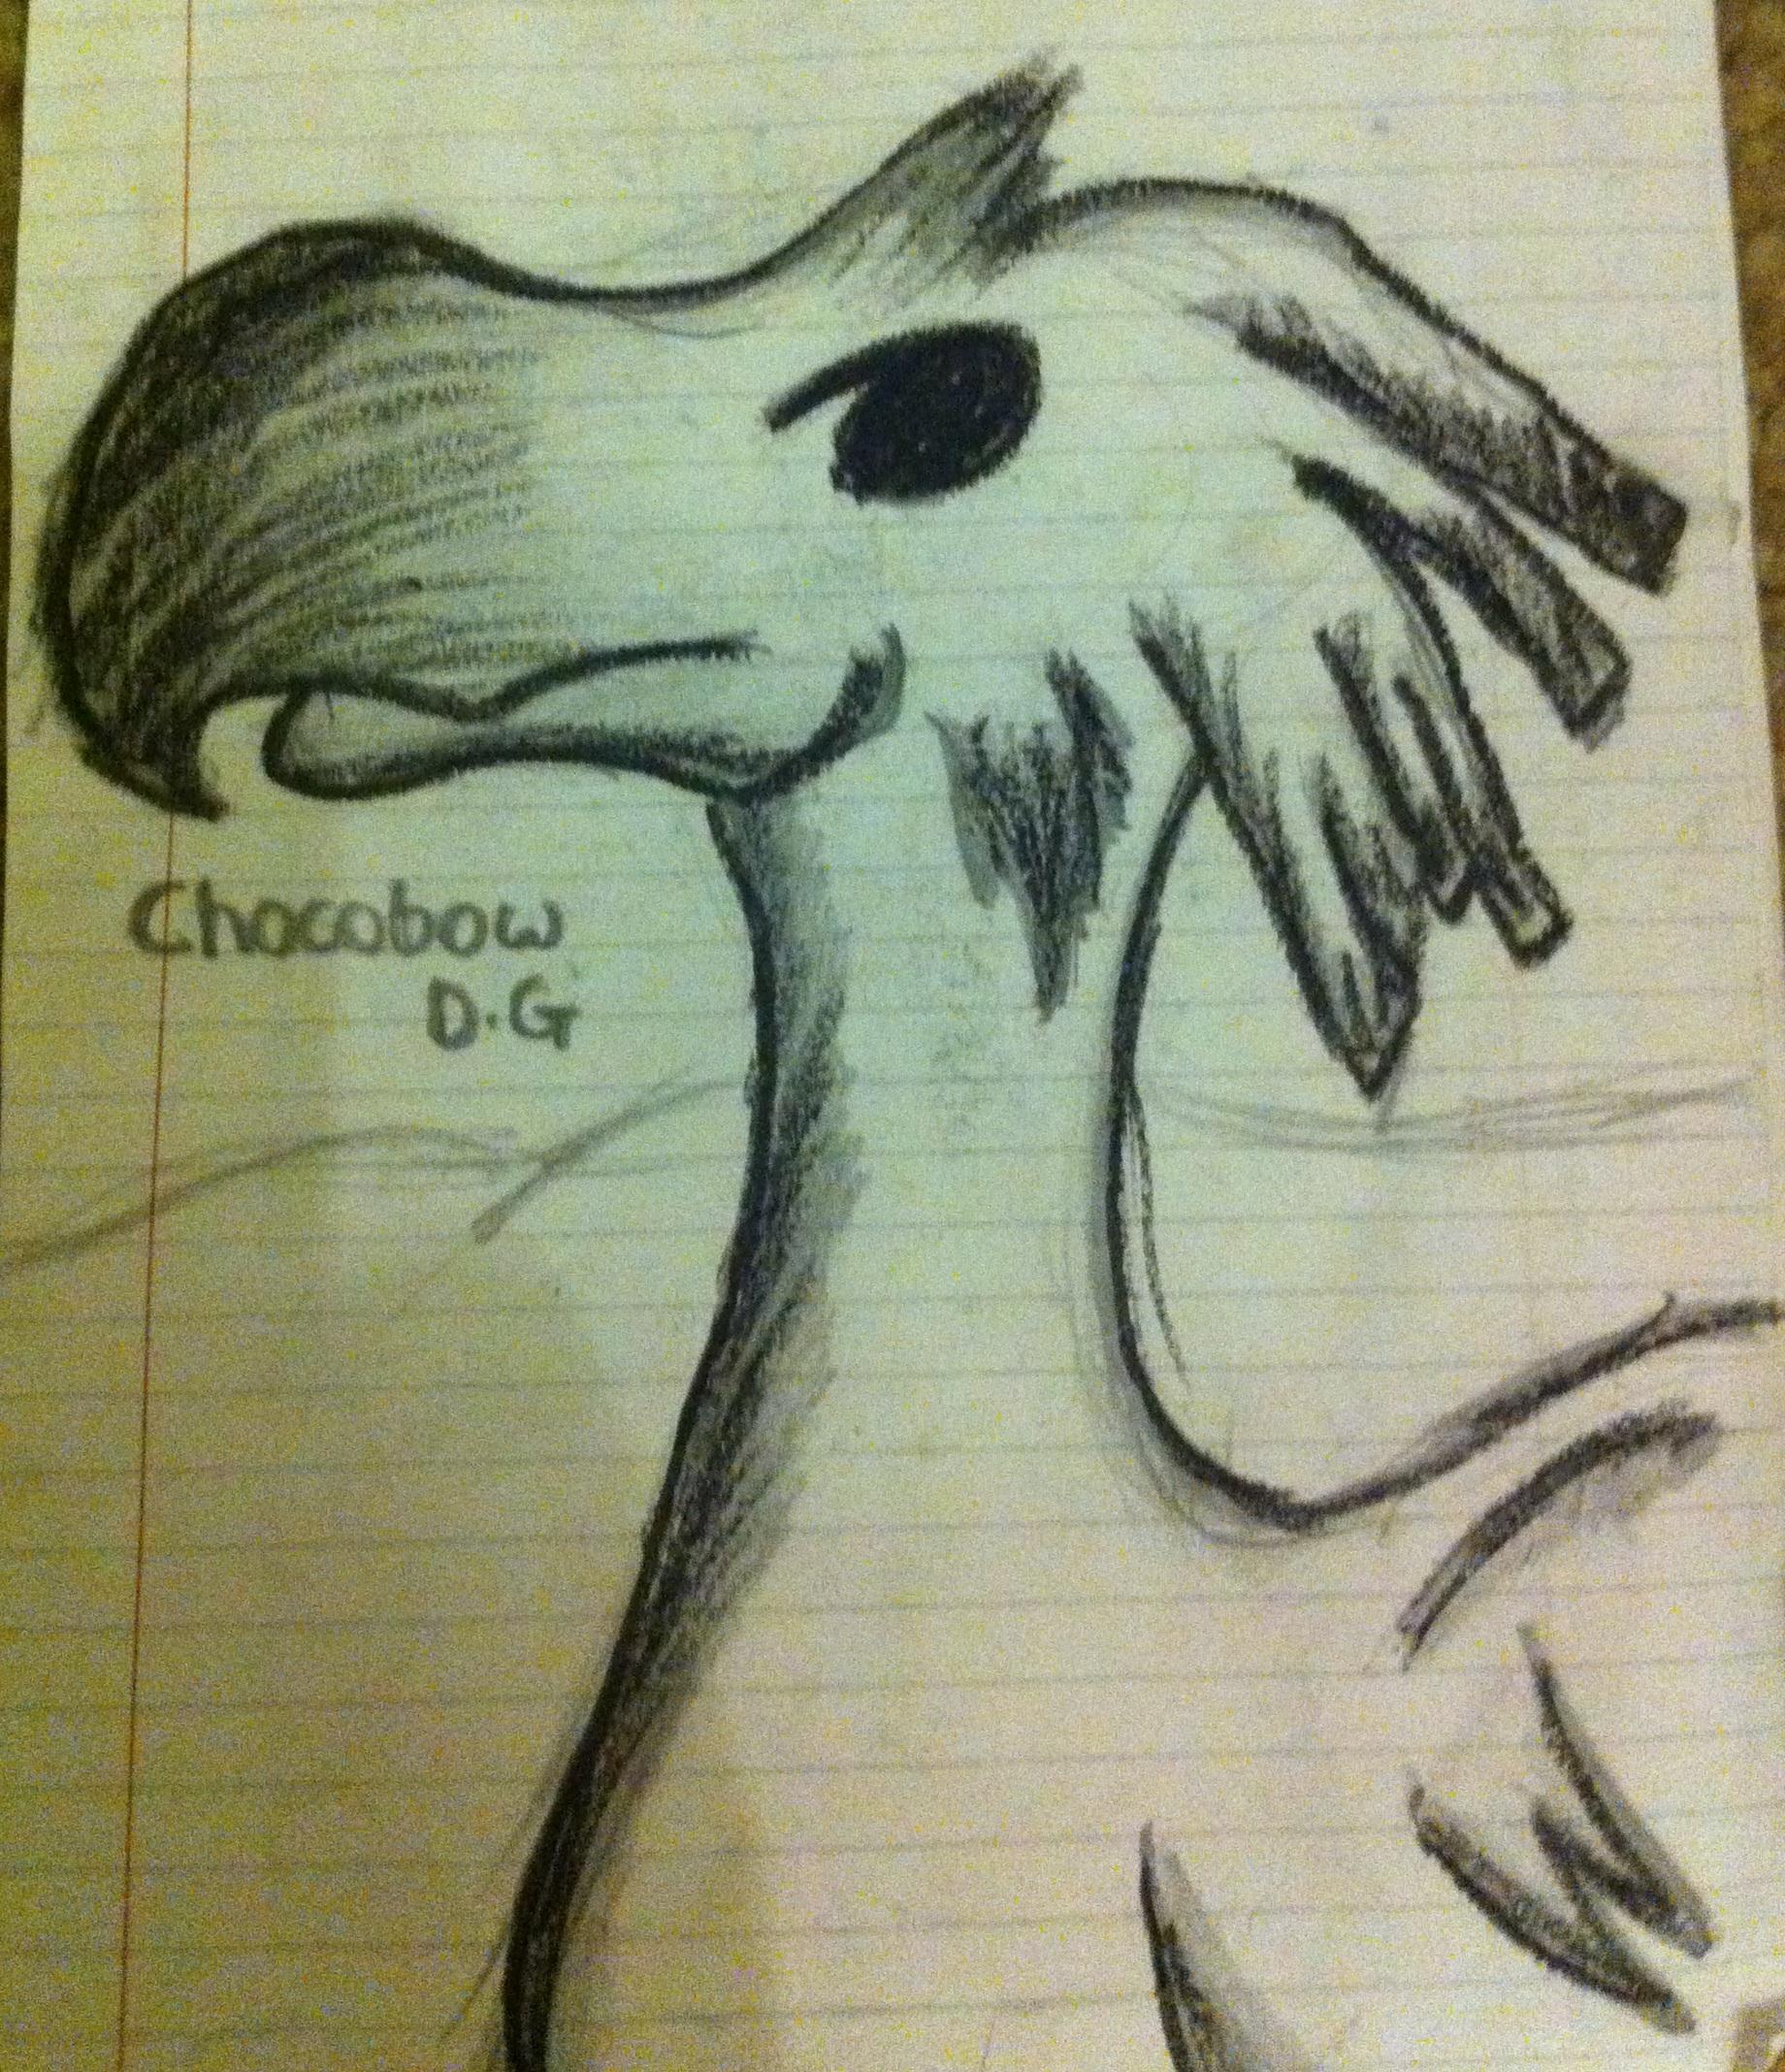 chocobow